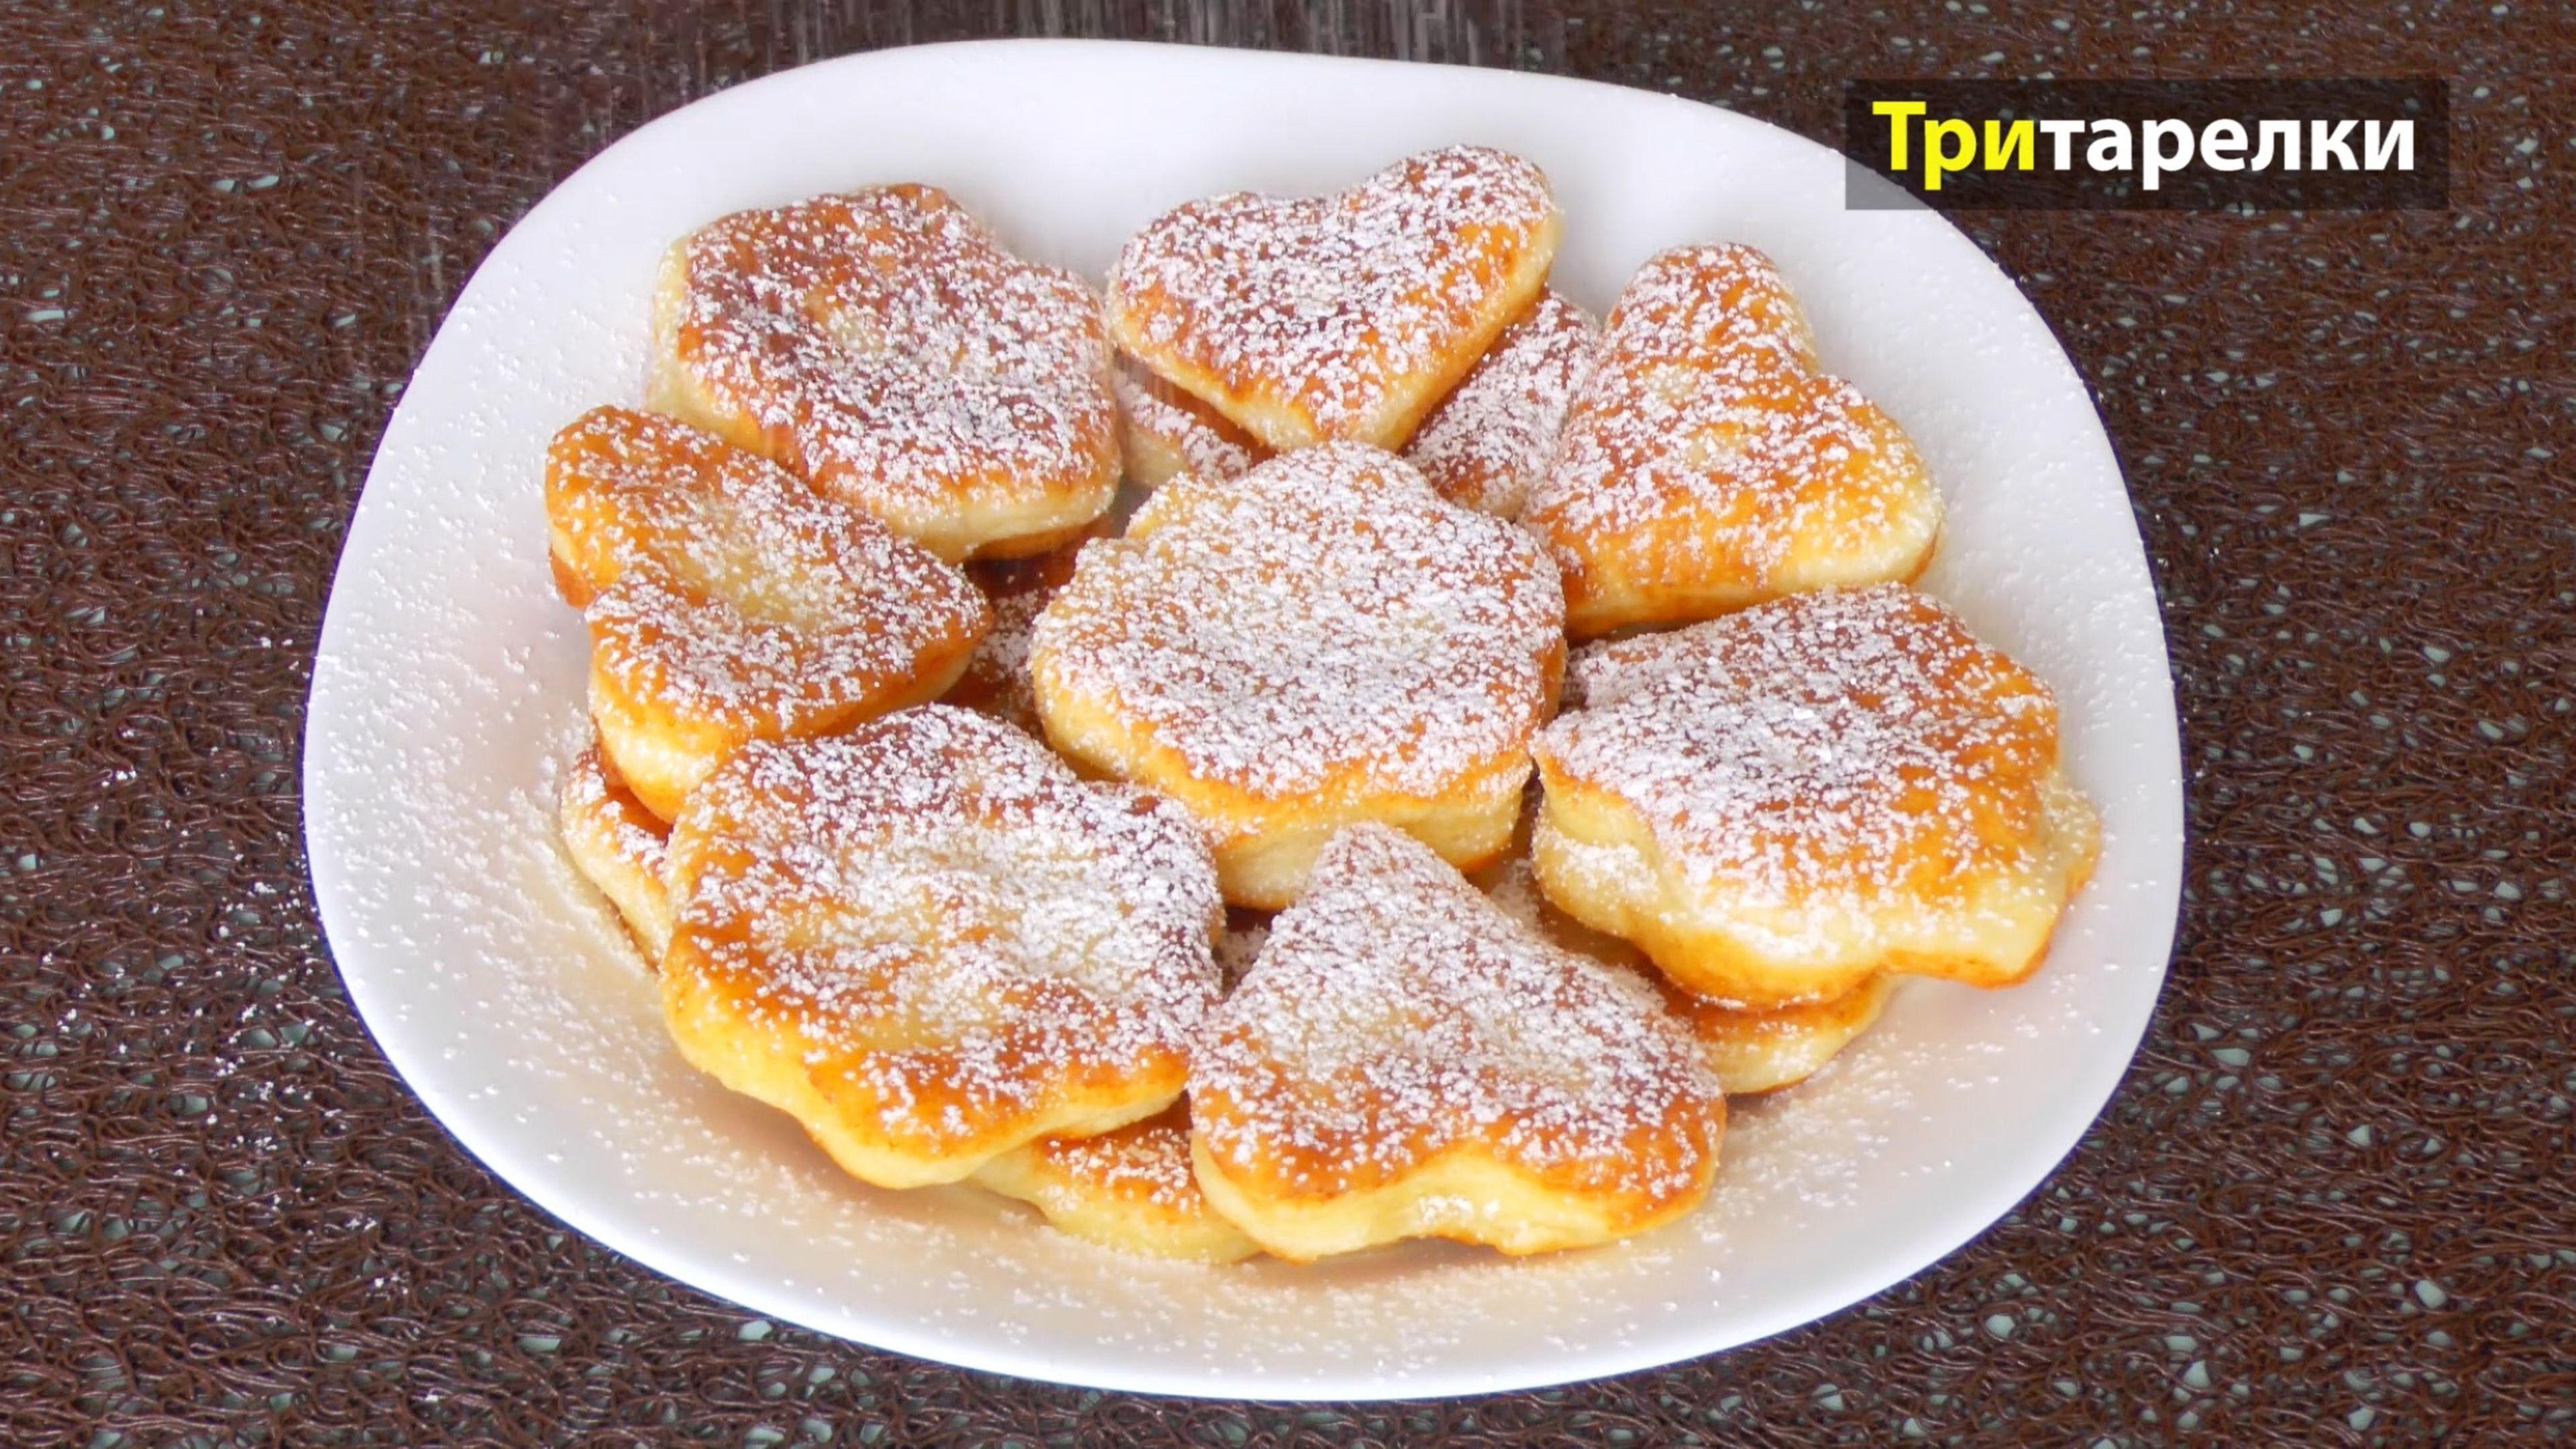 рецепт творожного печенья к чаю